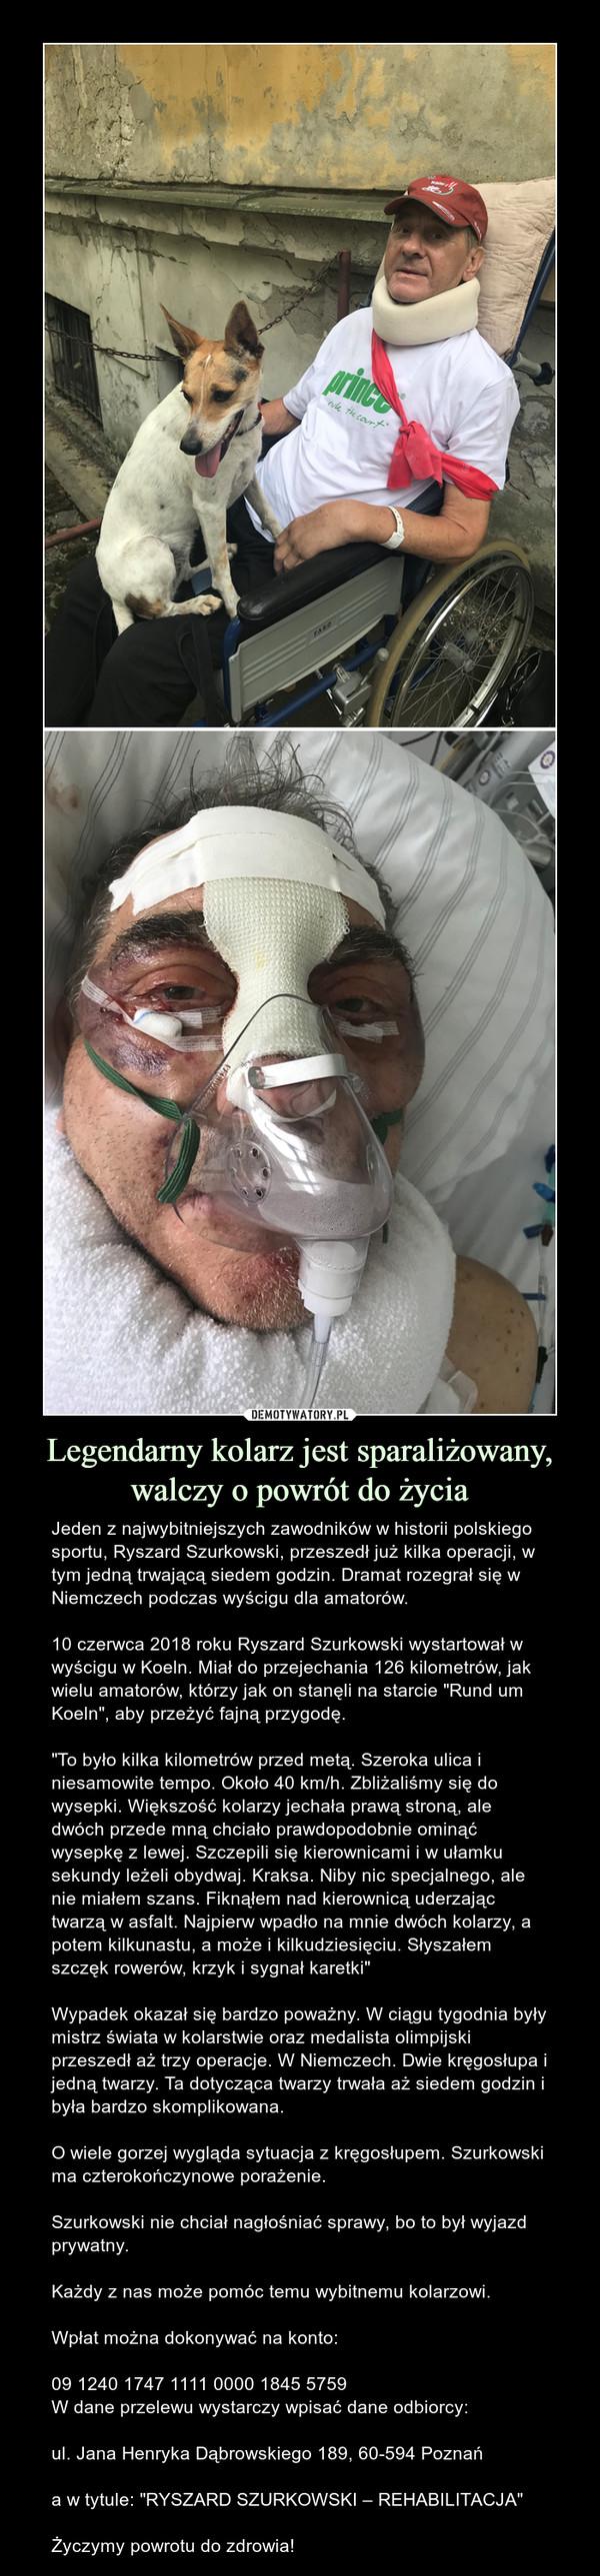 """Legendarny kolarz jest sparaliżowany, walczy o powrót do życia – Jeden z najwybitniejszych zawodników w historii polskiego sportu, Ryszard Szurkowski, przeszedł już kilka operacji, w tym jedną trwającą siedem godzin. Dramat rozegrał się w Niemczech podczas wyścigu dla amatorów.10 czerwca 2018 roku Ryszard Szurkowski wystartował w wyścigu w Koeln. Miał do przejechania 126 kilometrów, jak wielu amatorów, którzy jak on stanęli na starcie """"Rund um Koeln"""", aby przeżyć fajną przygodę.""""To było kilka kilometrów przed metą. Szeroka ulica i niesamowite tempo. Około 40 km/h. Zbliżaliśmy się do wysepki. Większość kolarzy jechała prawą stroną, ale dwóch przede mną chciało prawdopodobnie ominąć wysepkę z lewej. Szczepili się kierownicami i w ułamku sekundy leżeli obydwaj. Kraksa. Niby nic specjalnego, ale nie miałem szans. Fiknąłem nad kierownicą uderzając twarzą w asfalt. Najpierw wpadło na mnie dwóch kolarzy, a potem kilkunastu, a może i kilkudziesięciu. Słyszałem szczęk rowerów, krzyk i sygnał karetki""""Wypadek okazał się bardzo poważny. W ciągu tygodnia były mistrz świata w kolarstwie oraz medalista olimpijski przeszedł aż trzy operacje. W Niemczech. Dwie kręgosłupa i jedną twarzy. Ta dotycząca twarzy trwała aż siedem godzin i była bardzo skomplikowana.O wiele gorzej wygląda sytuacja z kręgosłupem. Szurkowski ma czterokończynowe porażenie. Szurkowski nie chciał nagłośniać sprawy, bo to był wyjazd prywatny.Każdy z nas może pomóc temu wybitnemu kolarzowi.Wpłat można dokonywać na konto:09 1240 1747 1111 0000 1845 5759W dane przelewu wystarczy wpisać dane odbiorcy:ul. Jana Henryka Dąbrowskiego 189, 60-594 Poznańa w tytule: """"RYSZARD SZURKOWSKI – REHABILITACJA""""Życzymy powrotu do zdrowia!"""